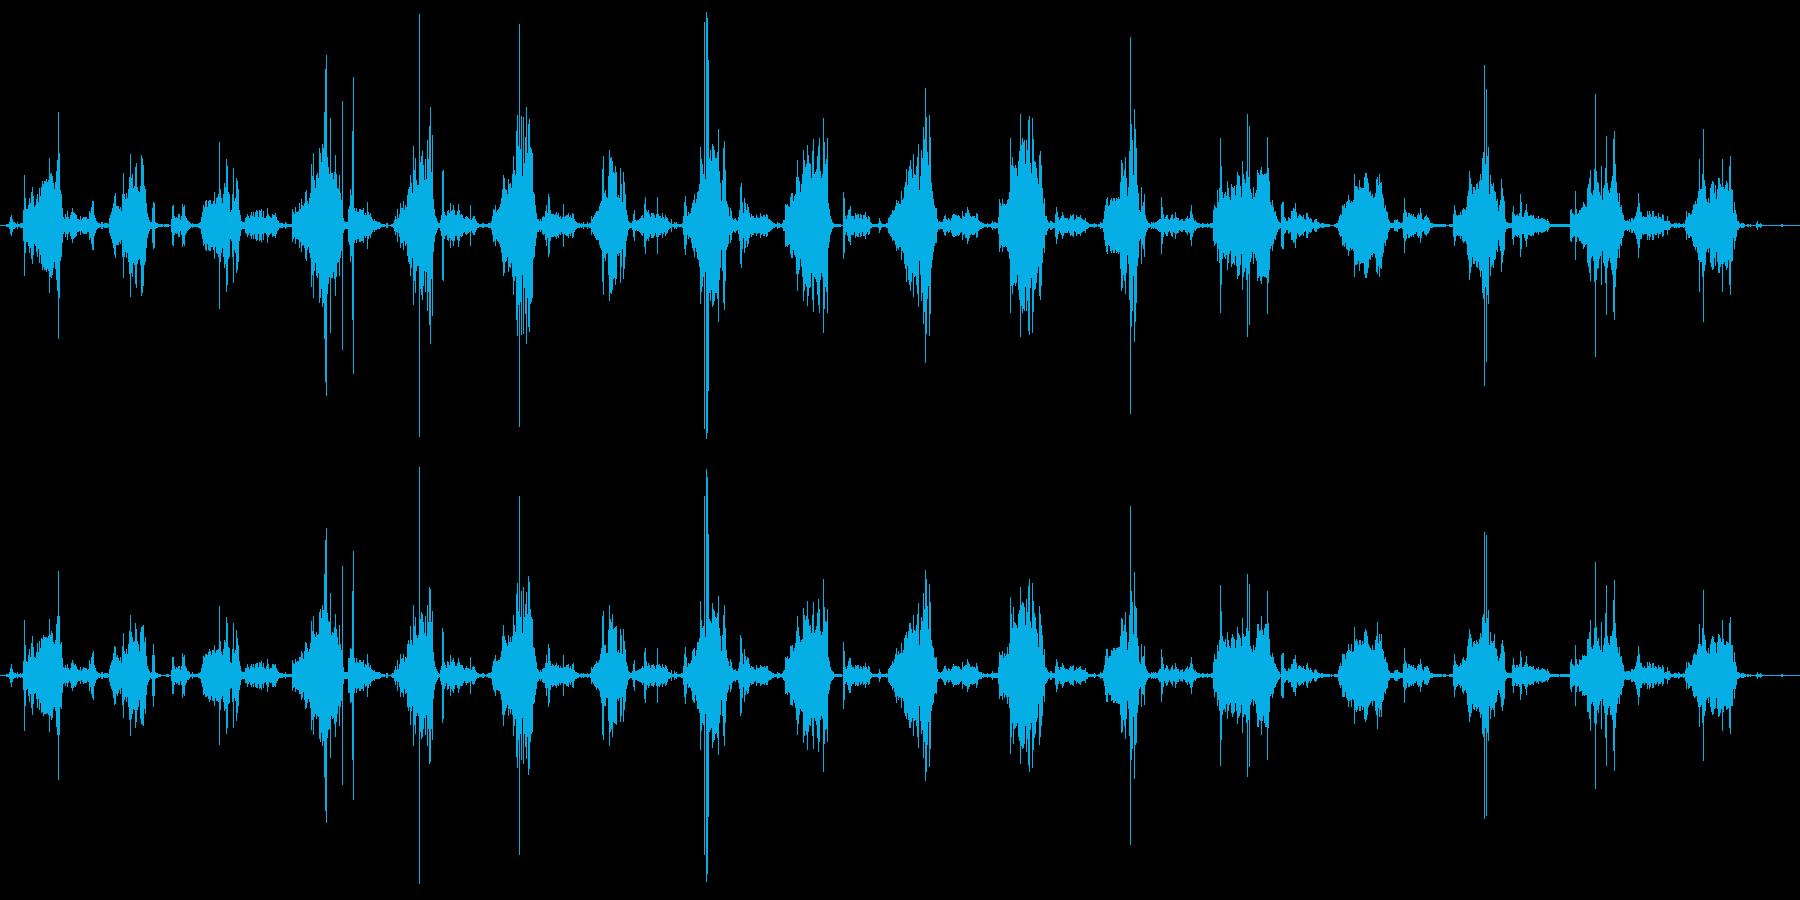 ハンドプレーン:ロングパスオーバー...の再生済みの波形